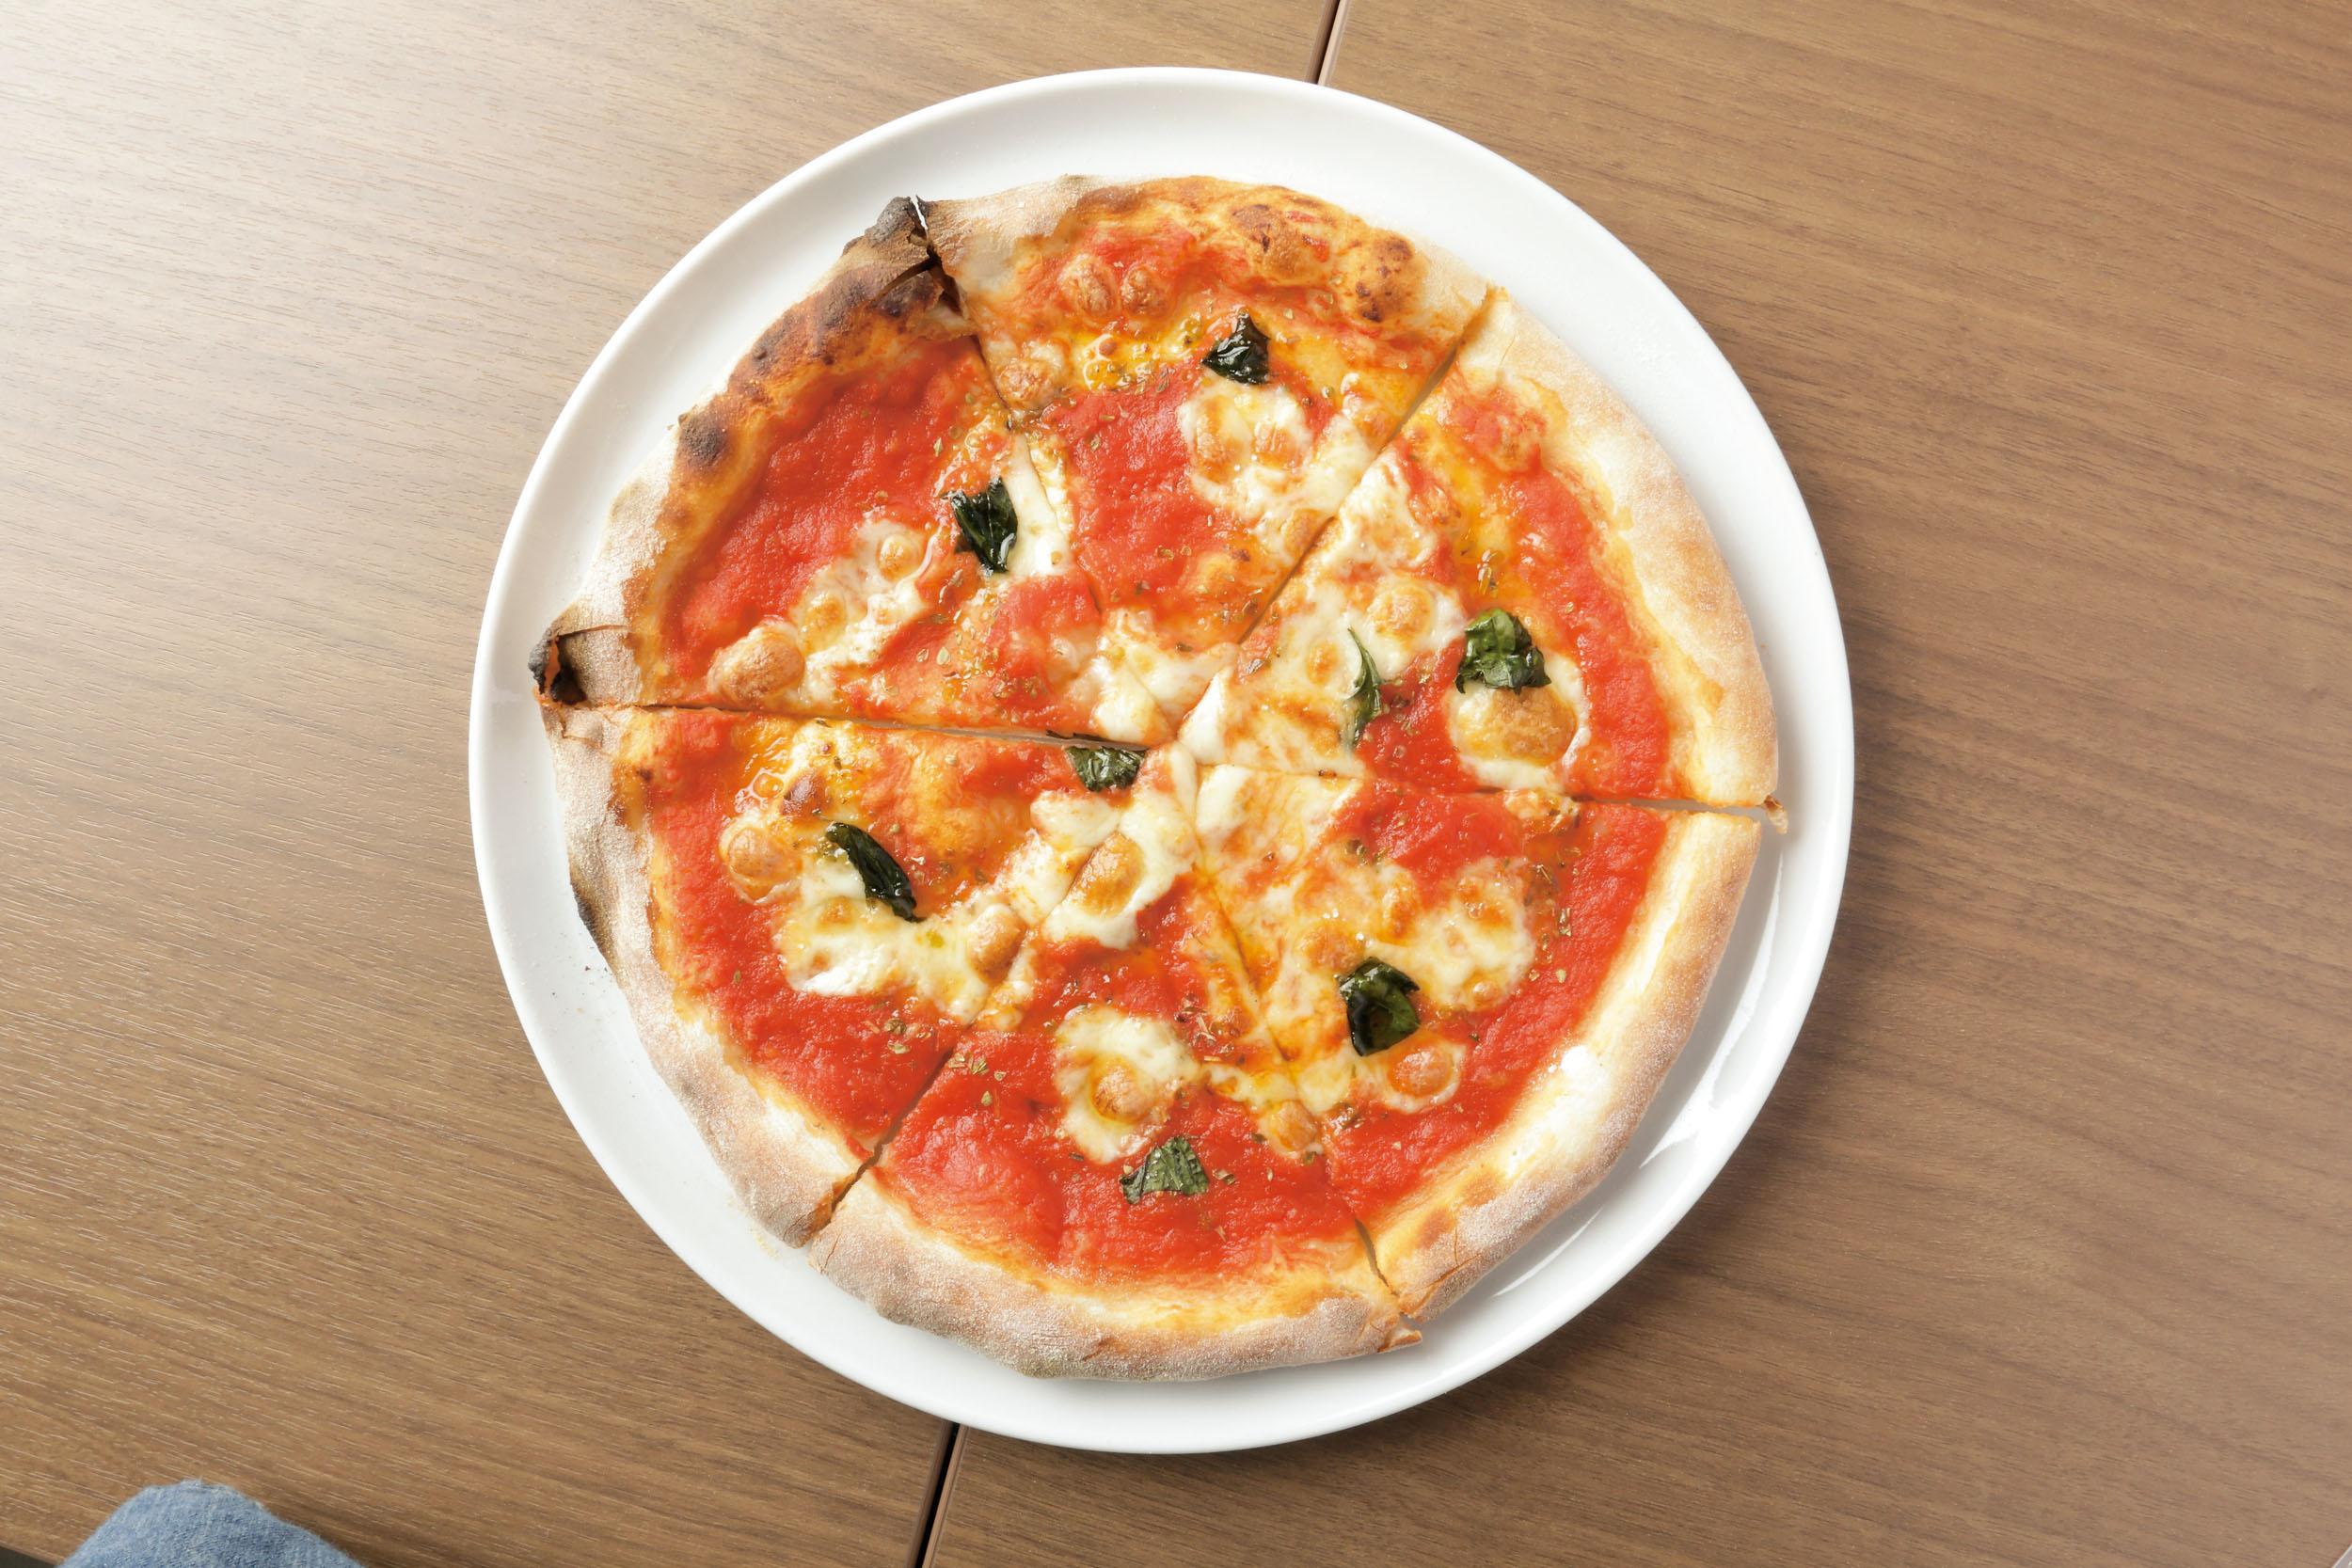 マルゲリータ1050円<br /> 高糖度のイタリア産ホールトマトをソースに使用。高温で一気に焼き上げるため表面はパリッと香ばしく、なかはもっちりとした歯応えOsteria Blanca